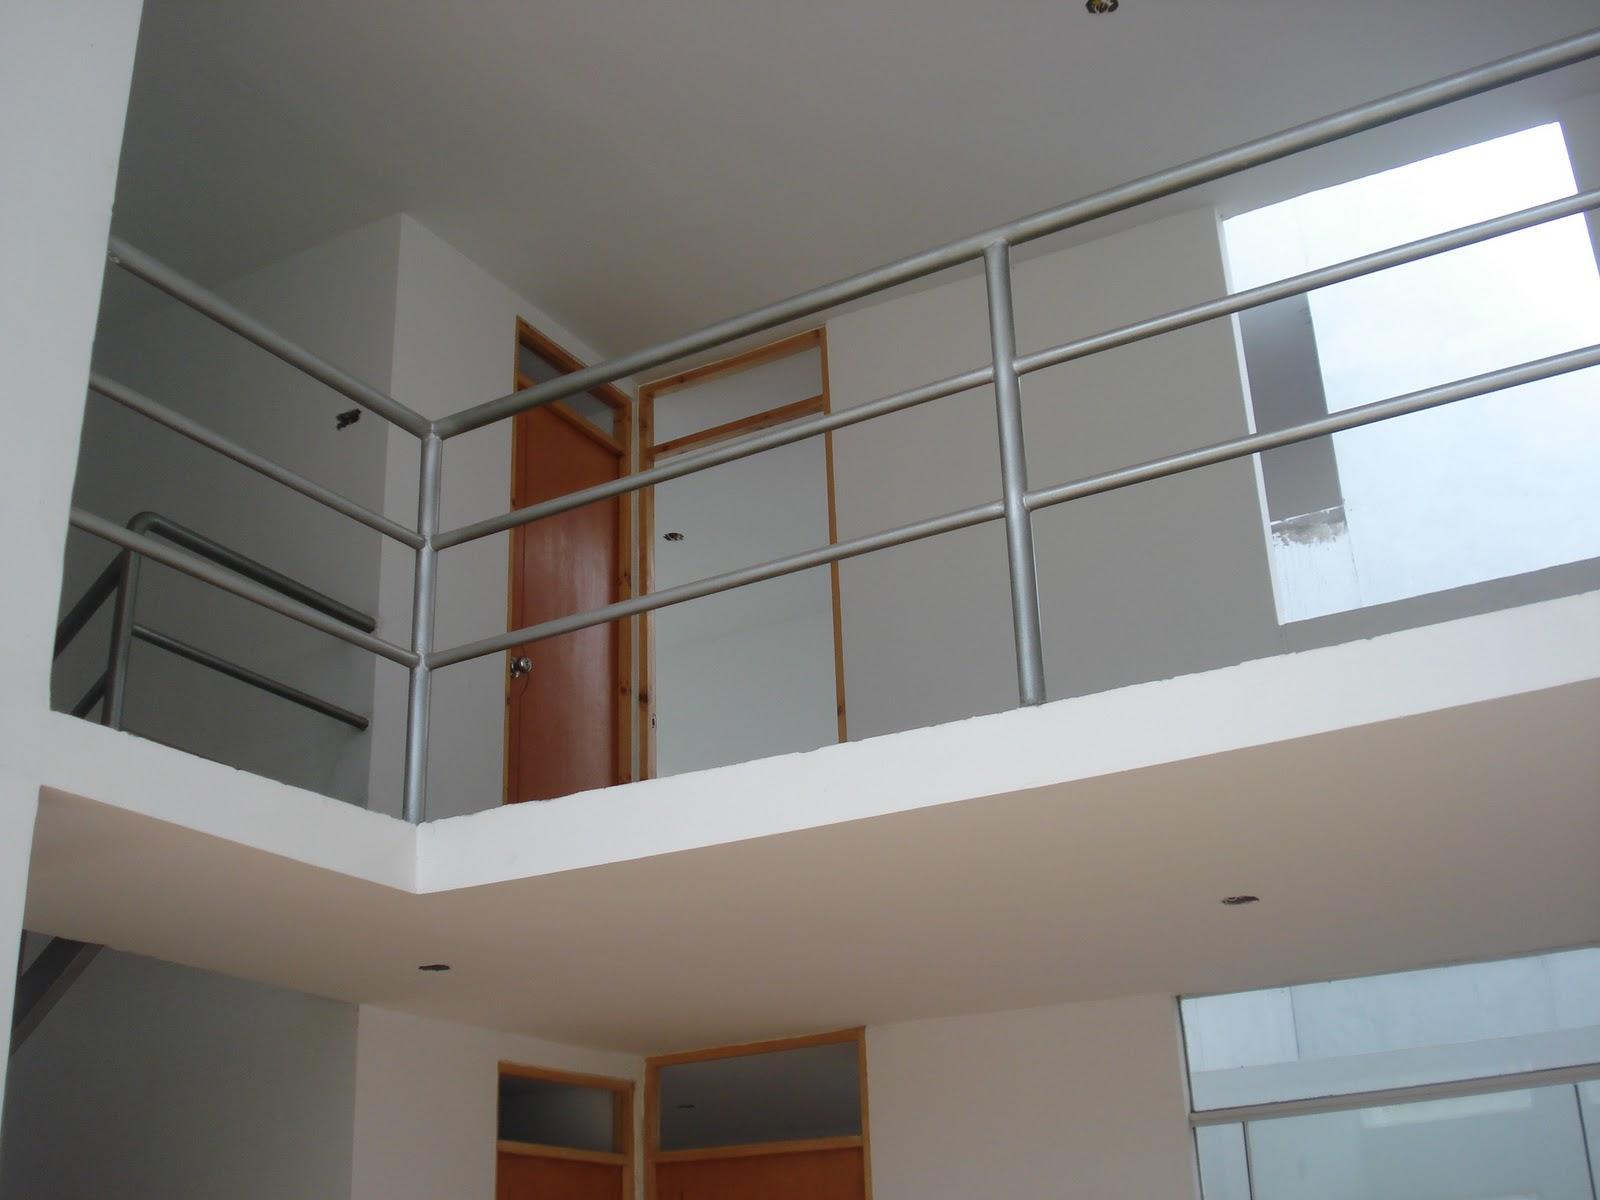 Casa nueva urb la noria fotos construcci n for Sala de estar vista desde arriba